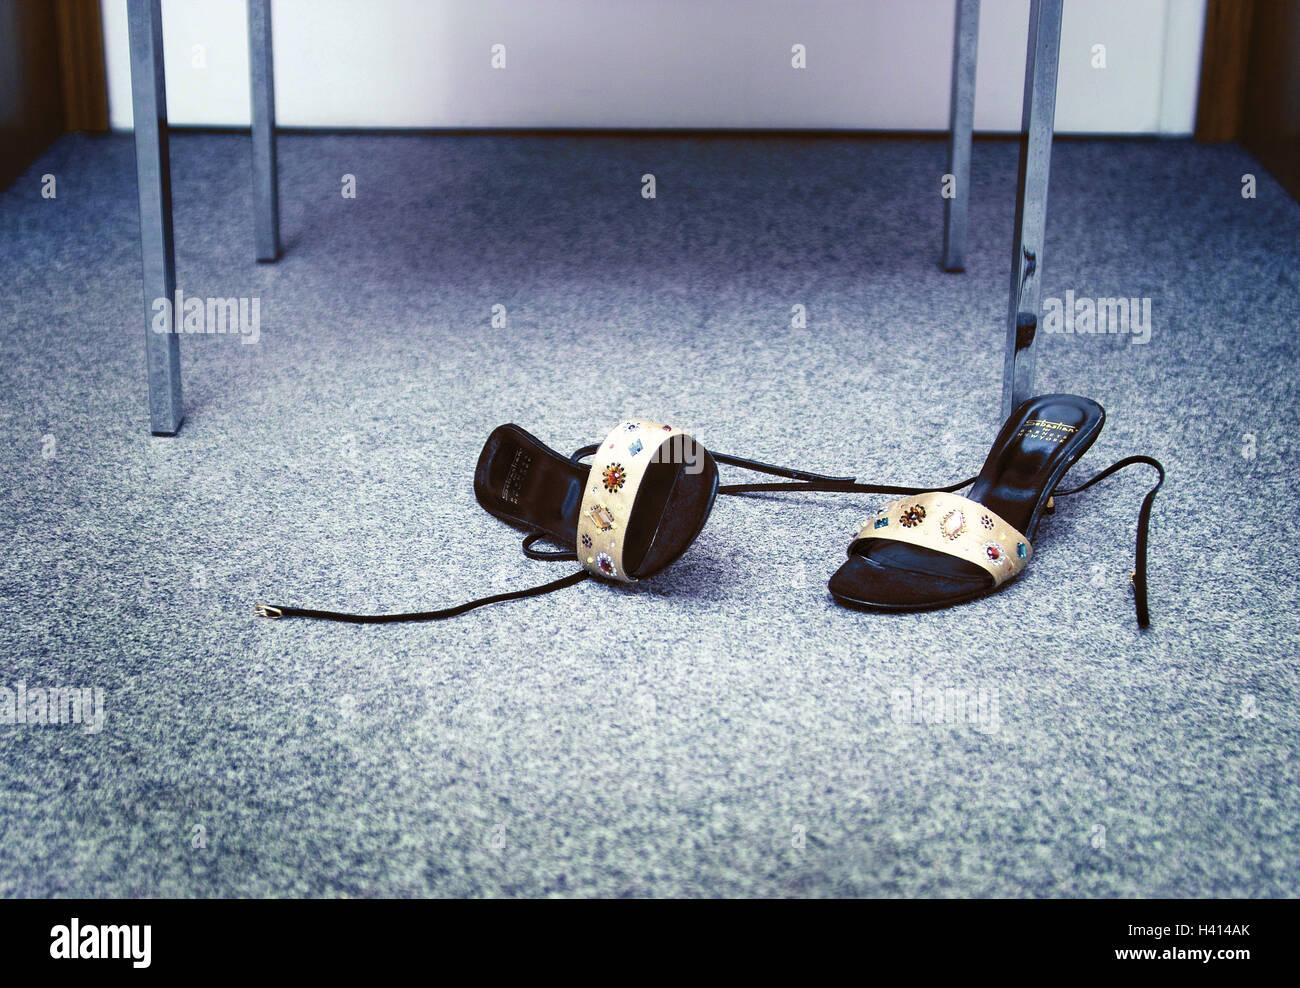 Teppichboden Fussboden Damenschuhe Buro Teppich Boden Stuhl